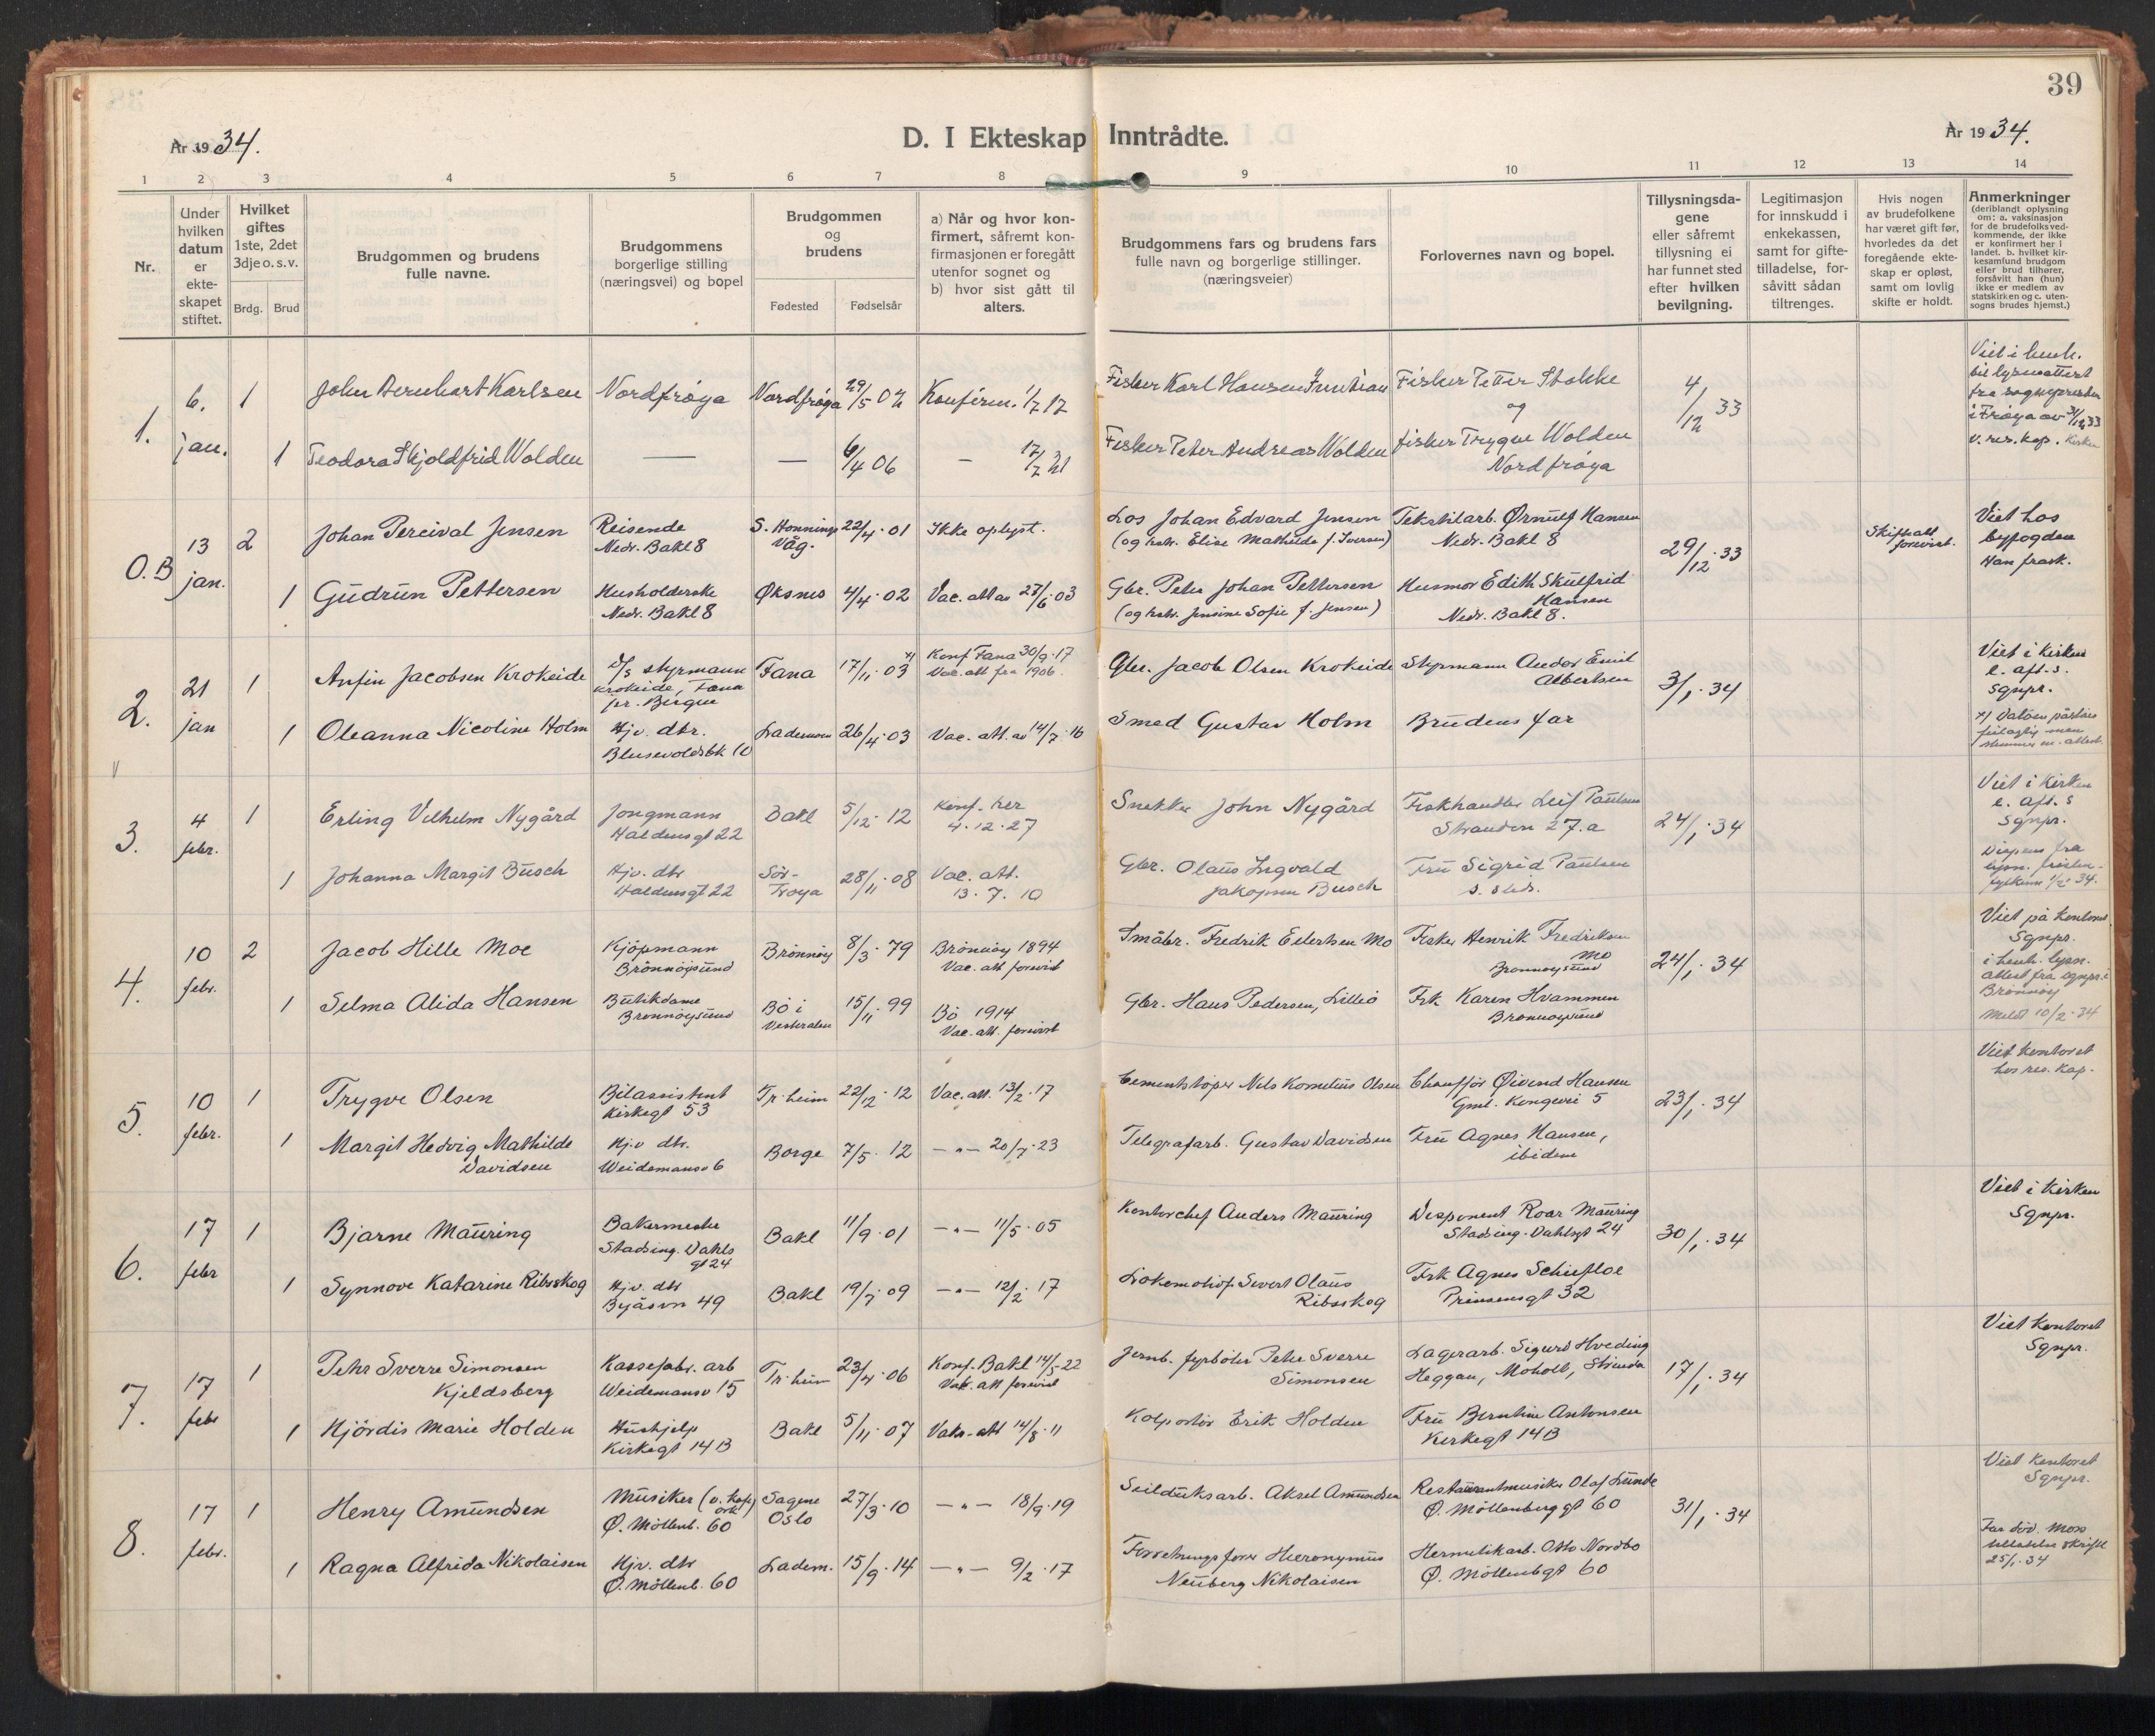 SAT, Ministerialprotokoller, klokkerbøker og fødselsregistre - Sør-Trøndelag, 604/L0209: Ministerialbok nr. 604A29, 1931-1945, s. 39